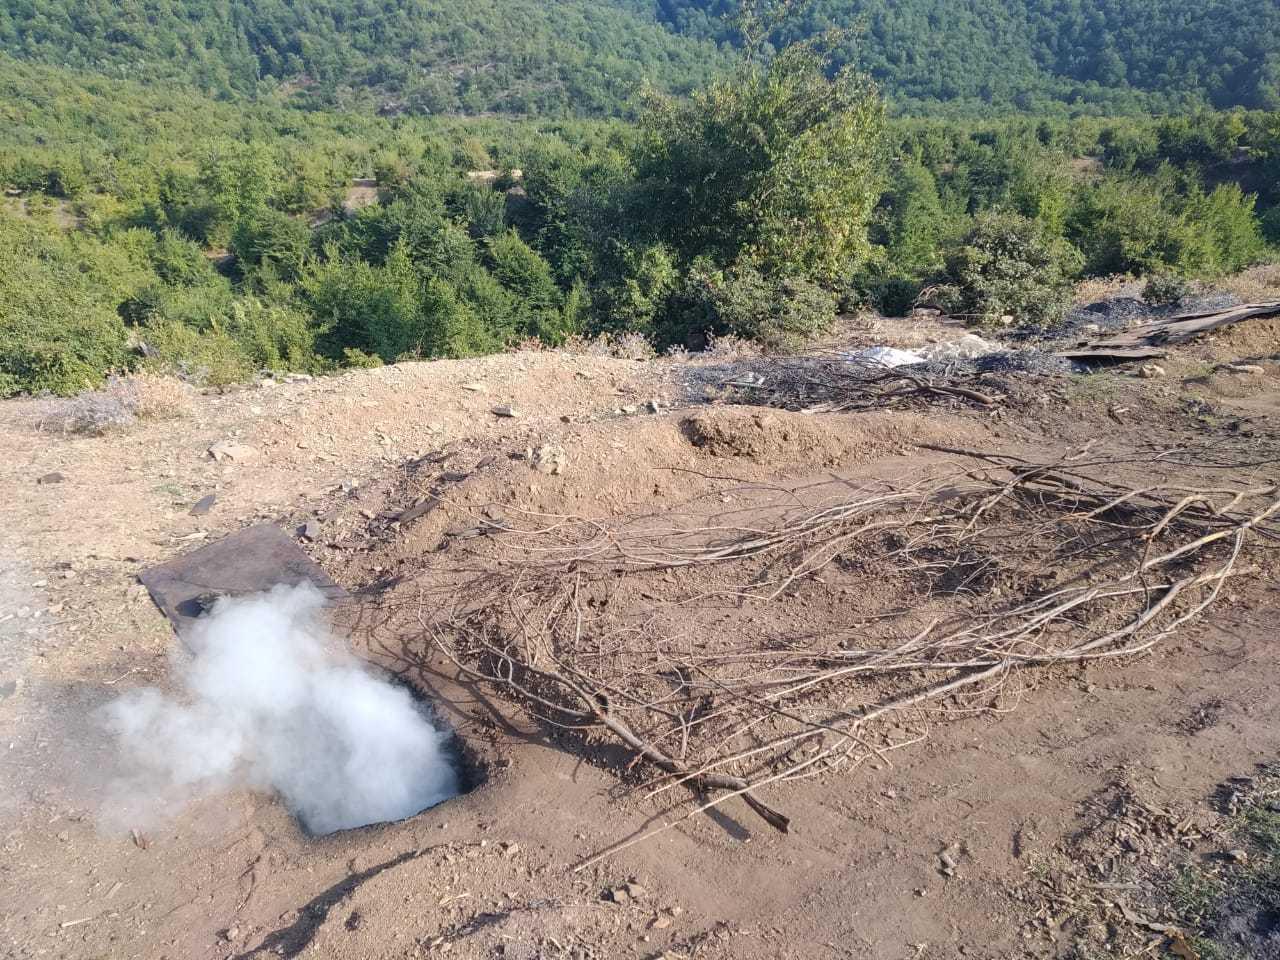 ETSN-in idarə rəisi: Kömür hazırlayanlara qarşı ciddi tədbirlər görülür